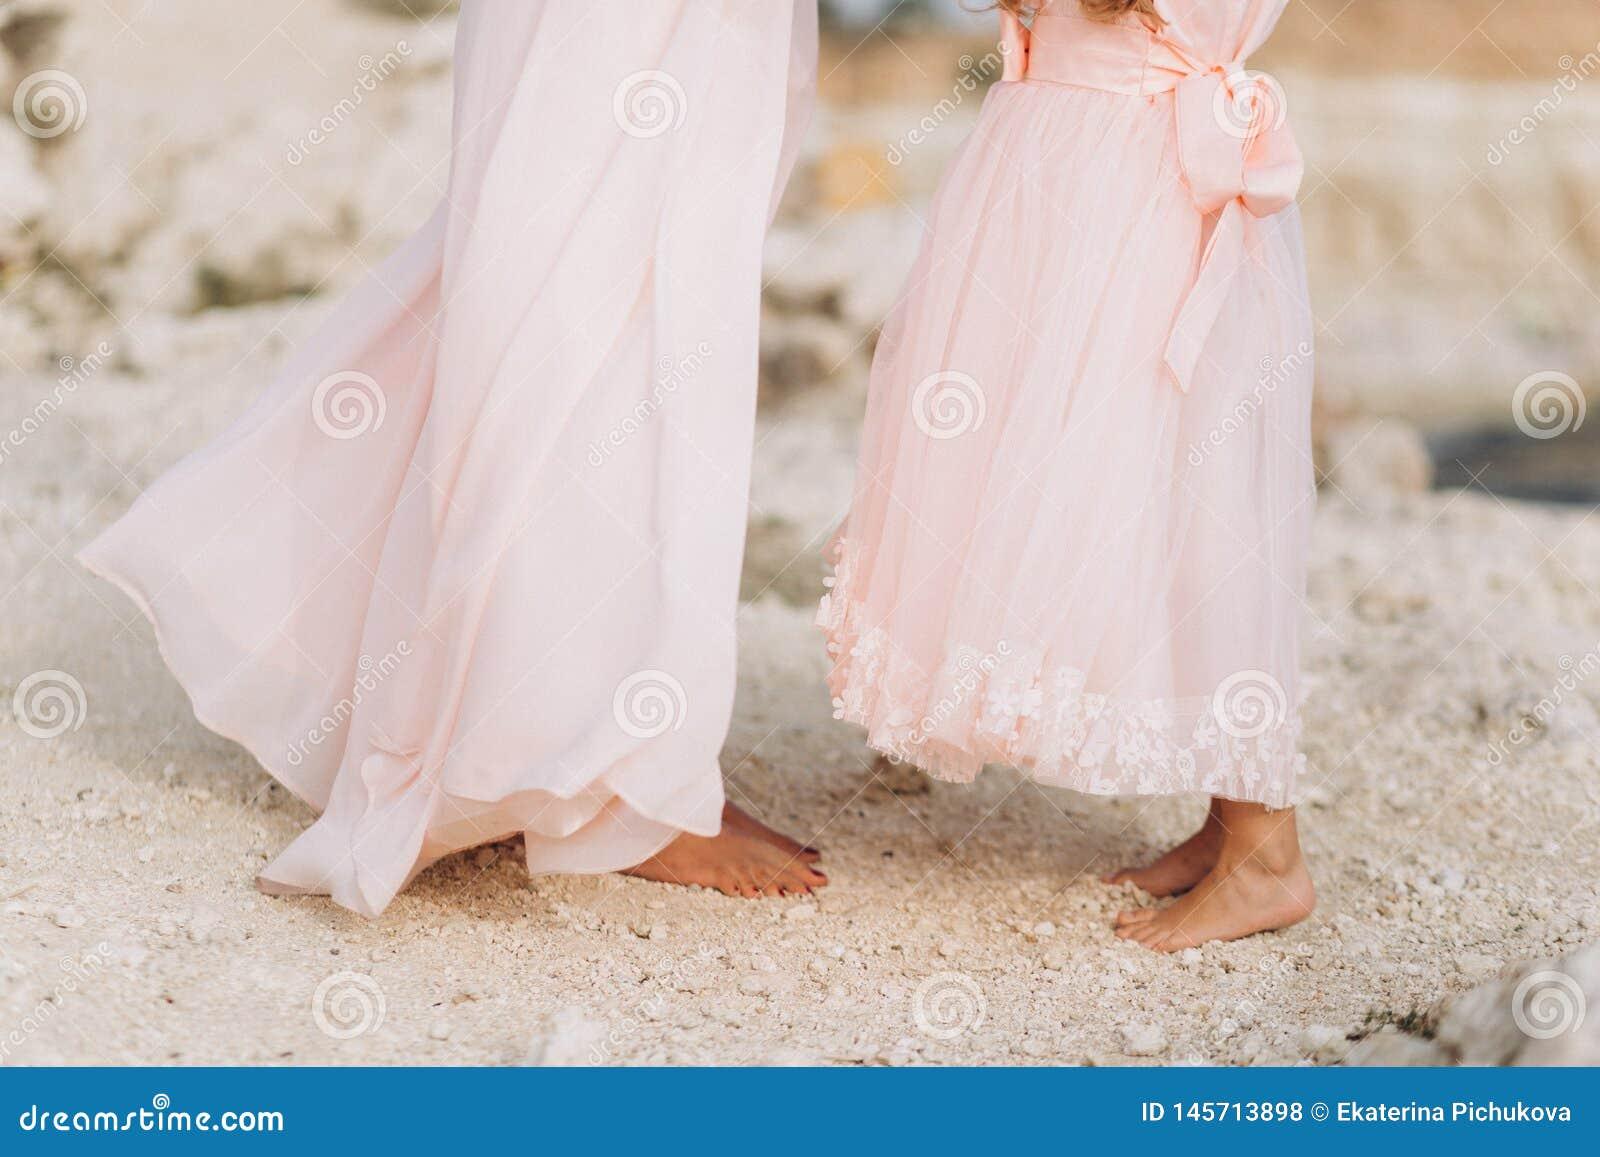 Matka i córka stoimy na skale w różowych sukniach